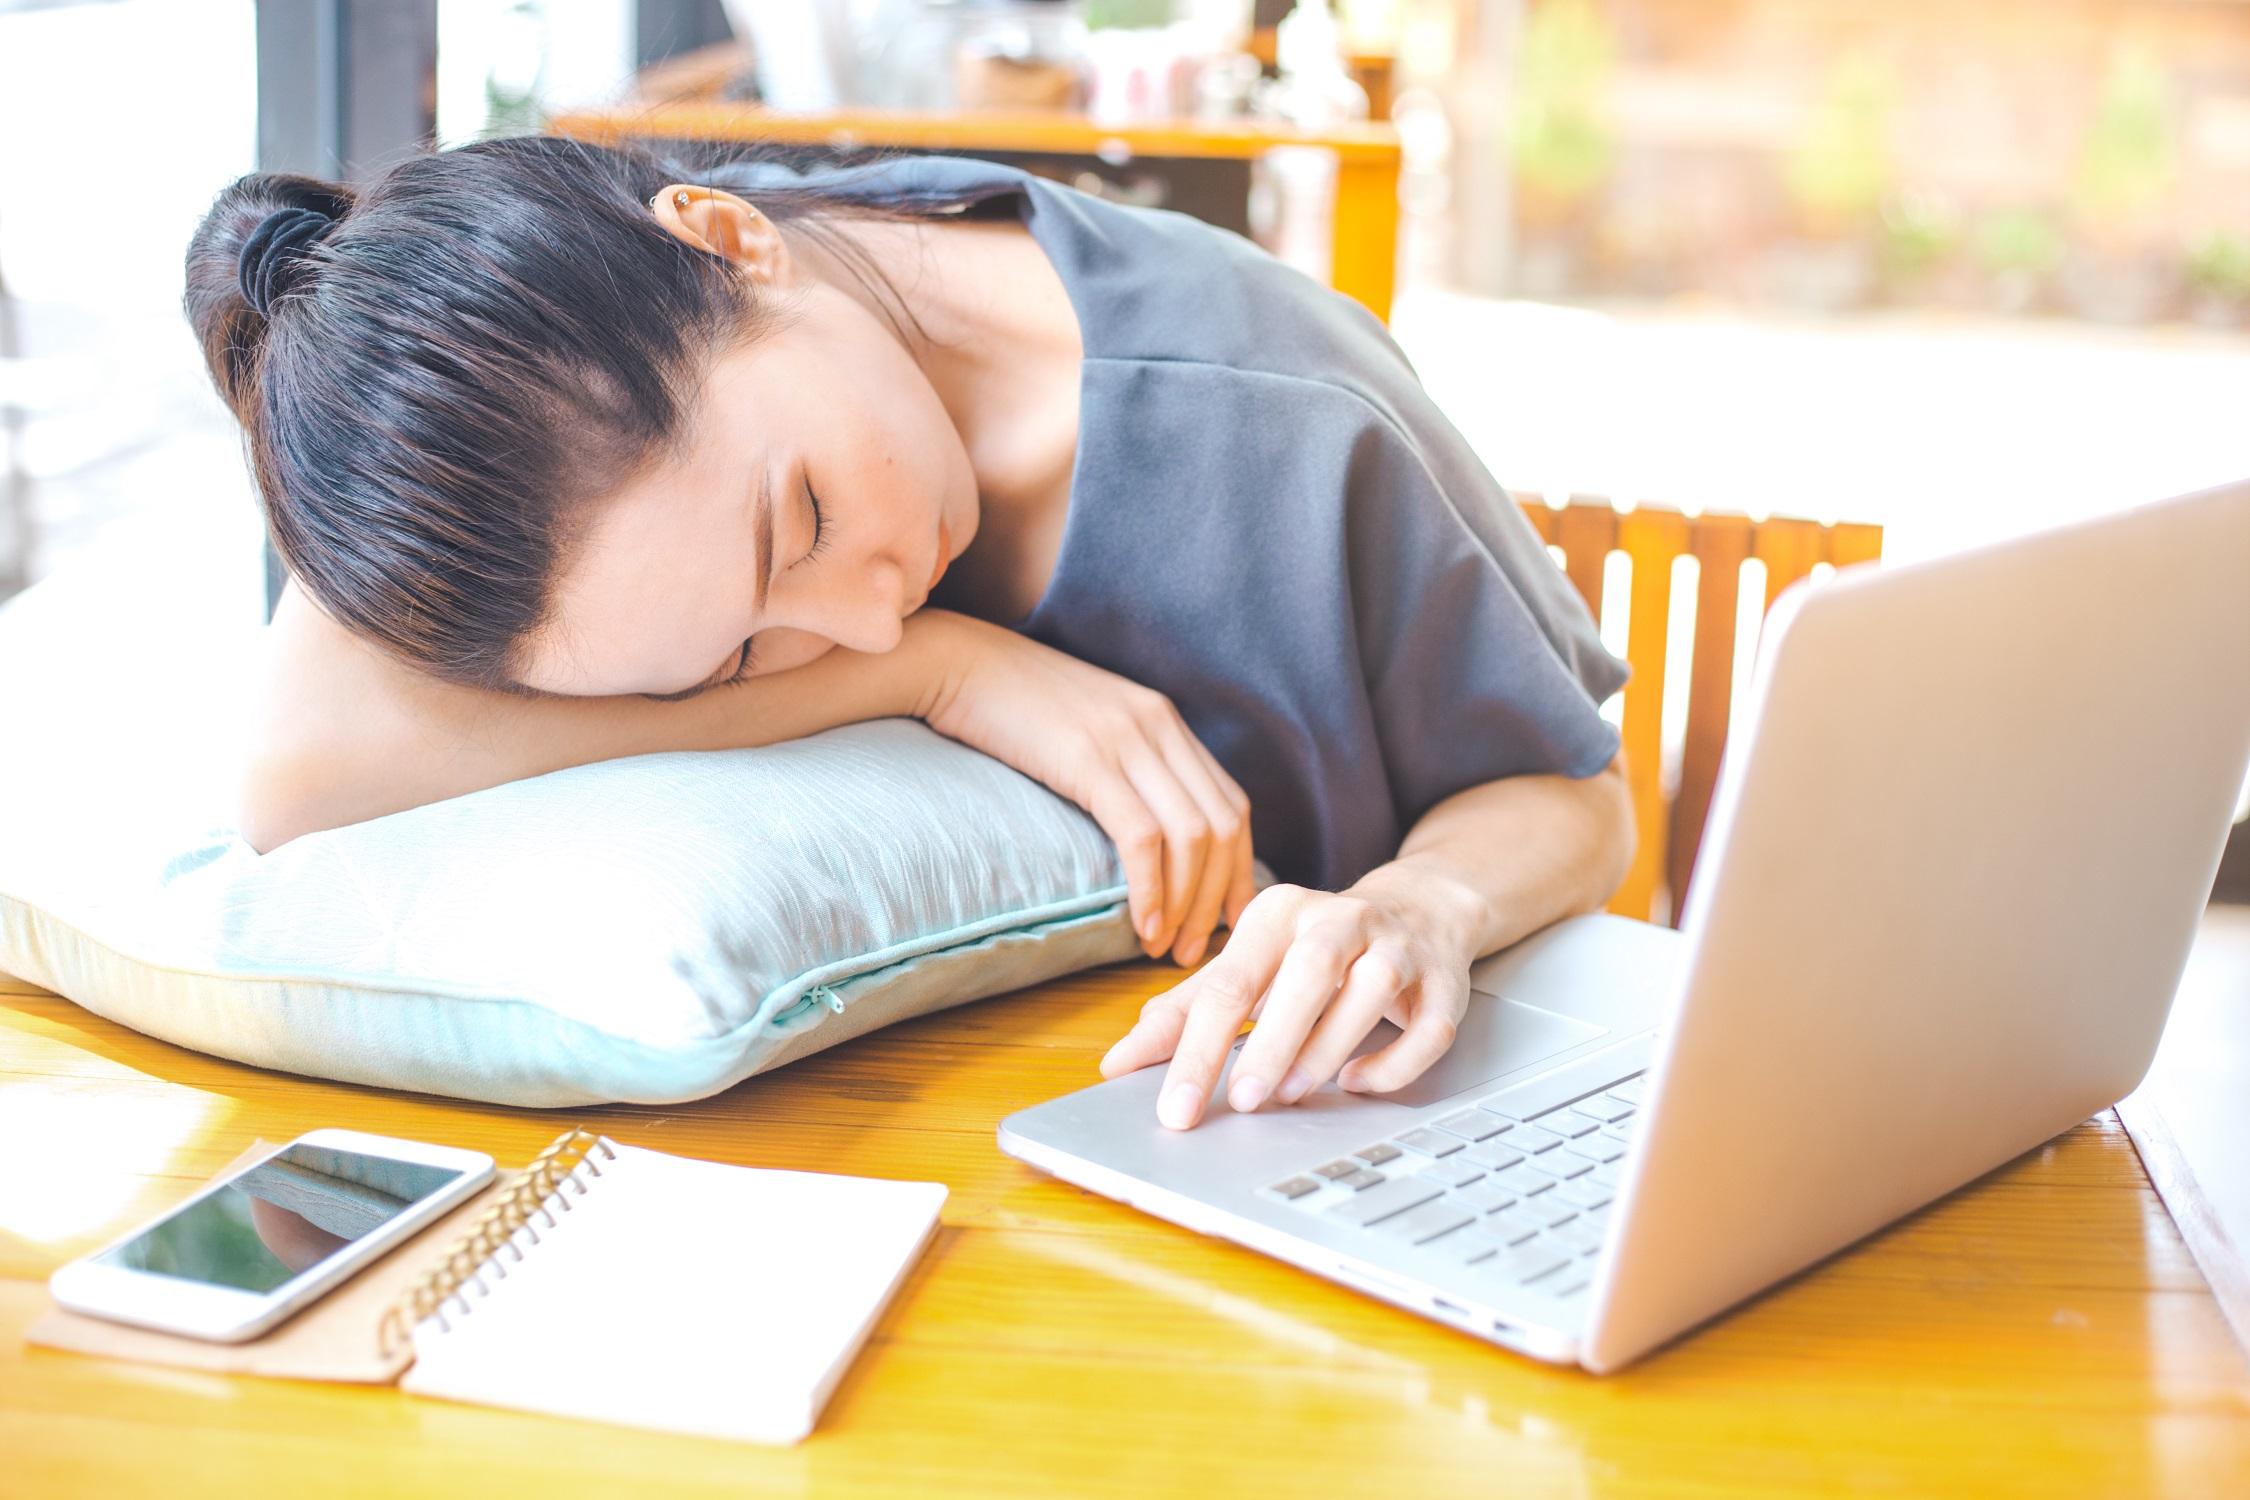 Razões pelas quais o freelancer pode se sentir esgotado